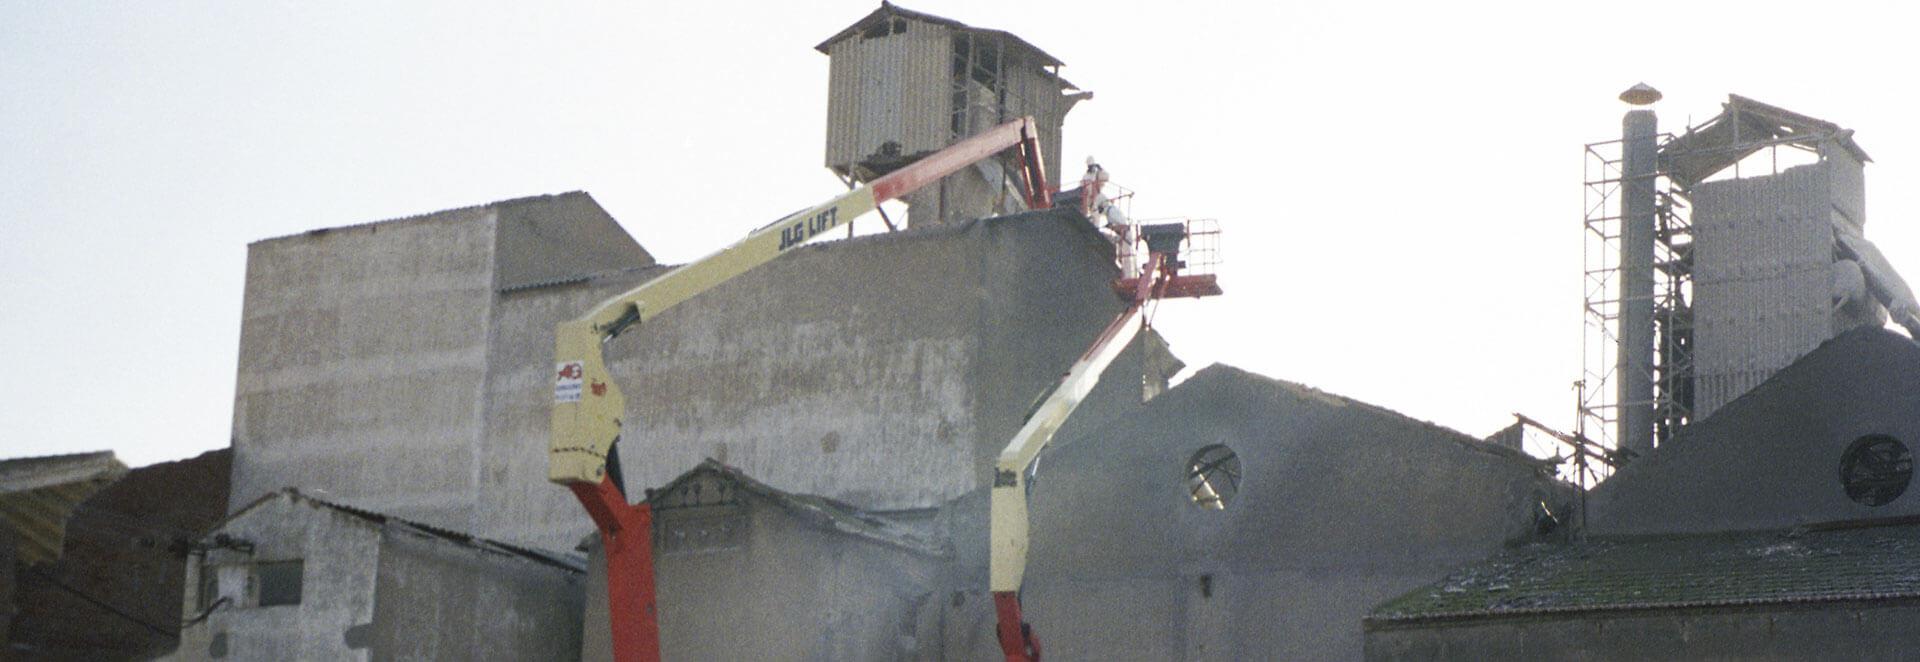 Retirada de amianto - AG Construcciones